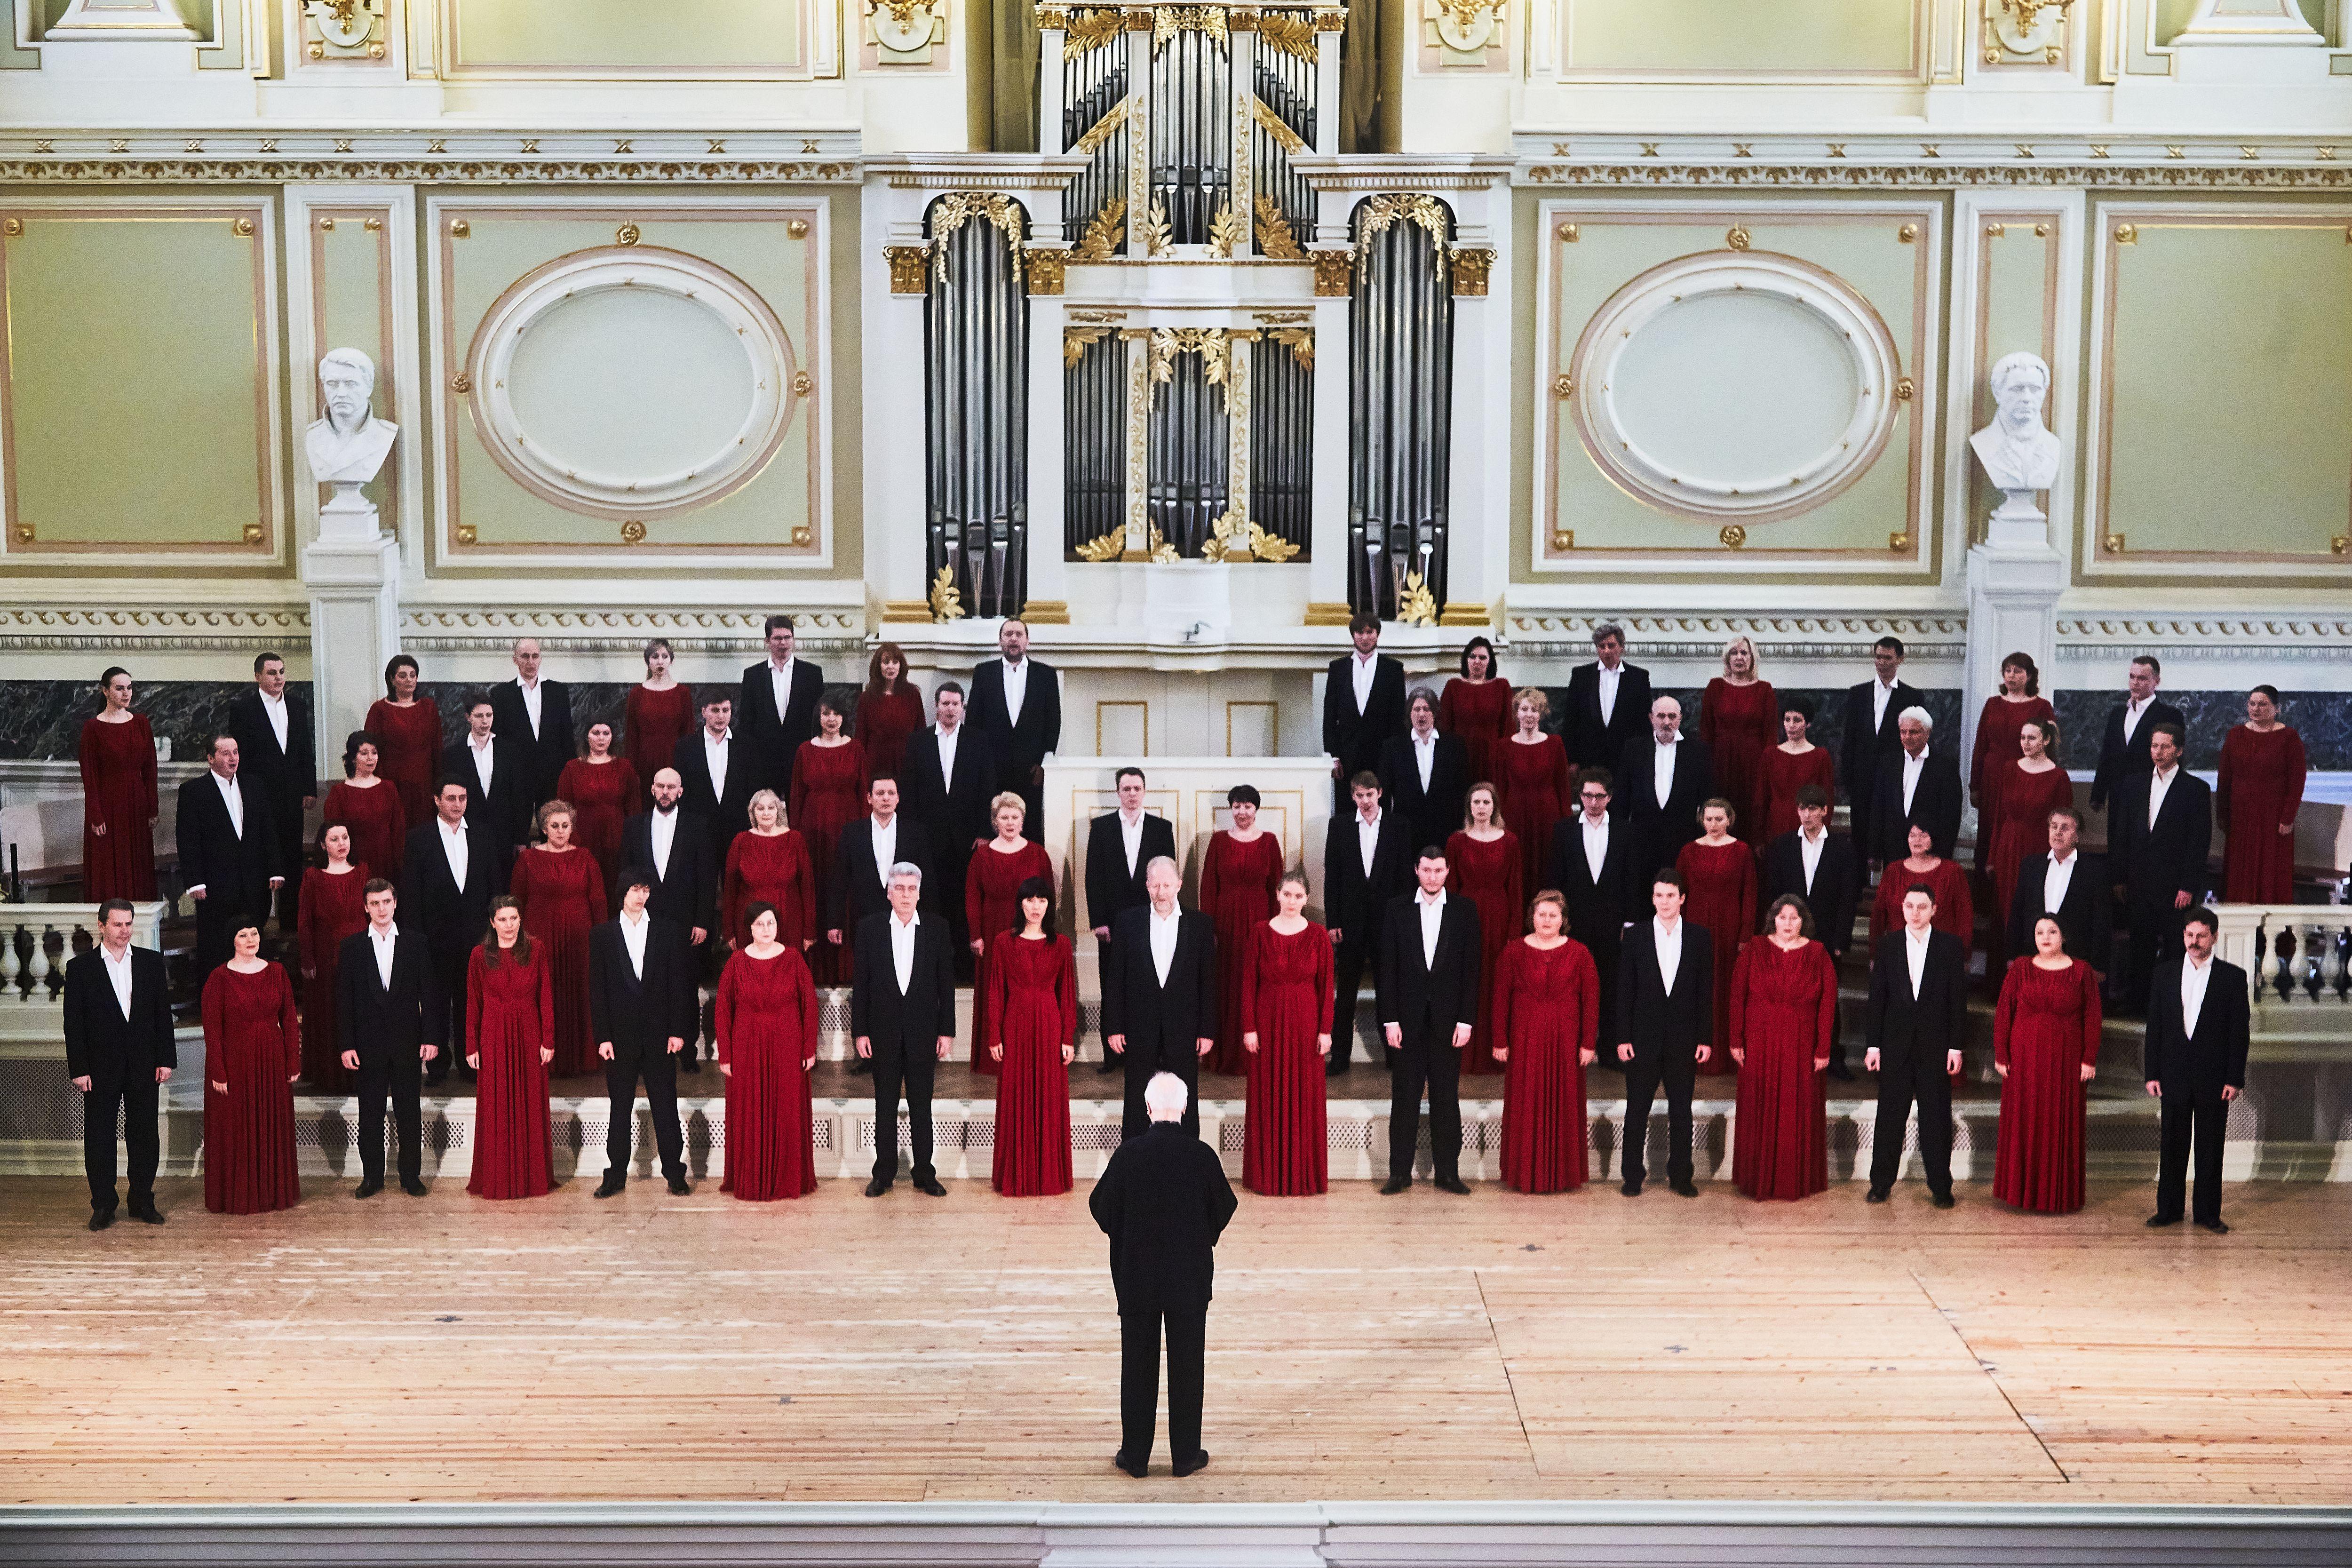 Štátny akademický spevácky zbor Capella Petrohrad